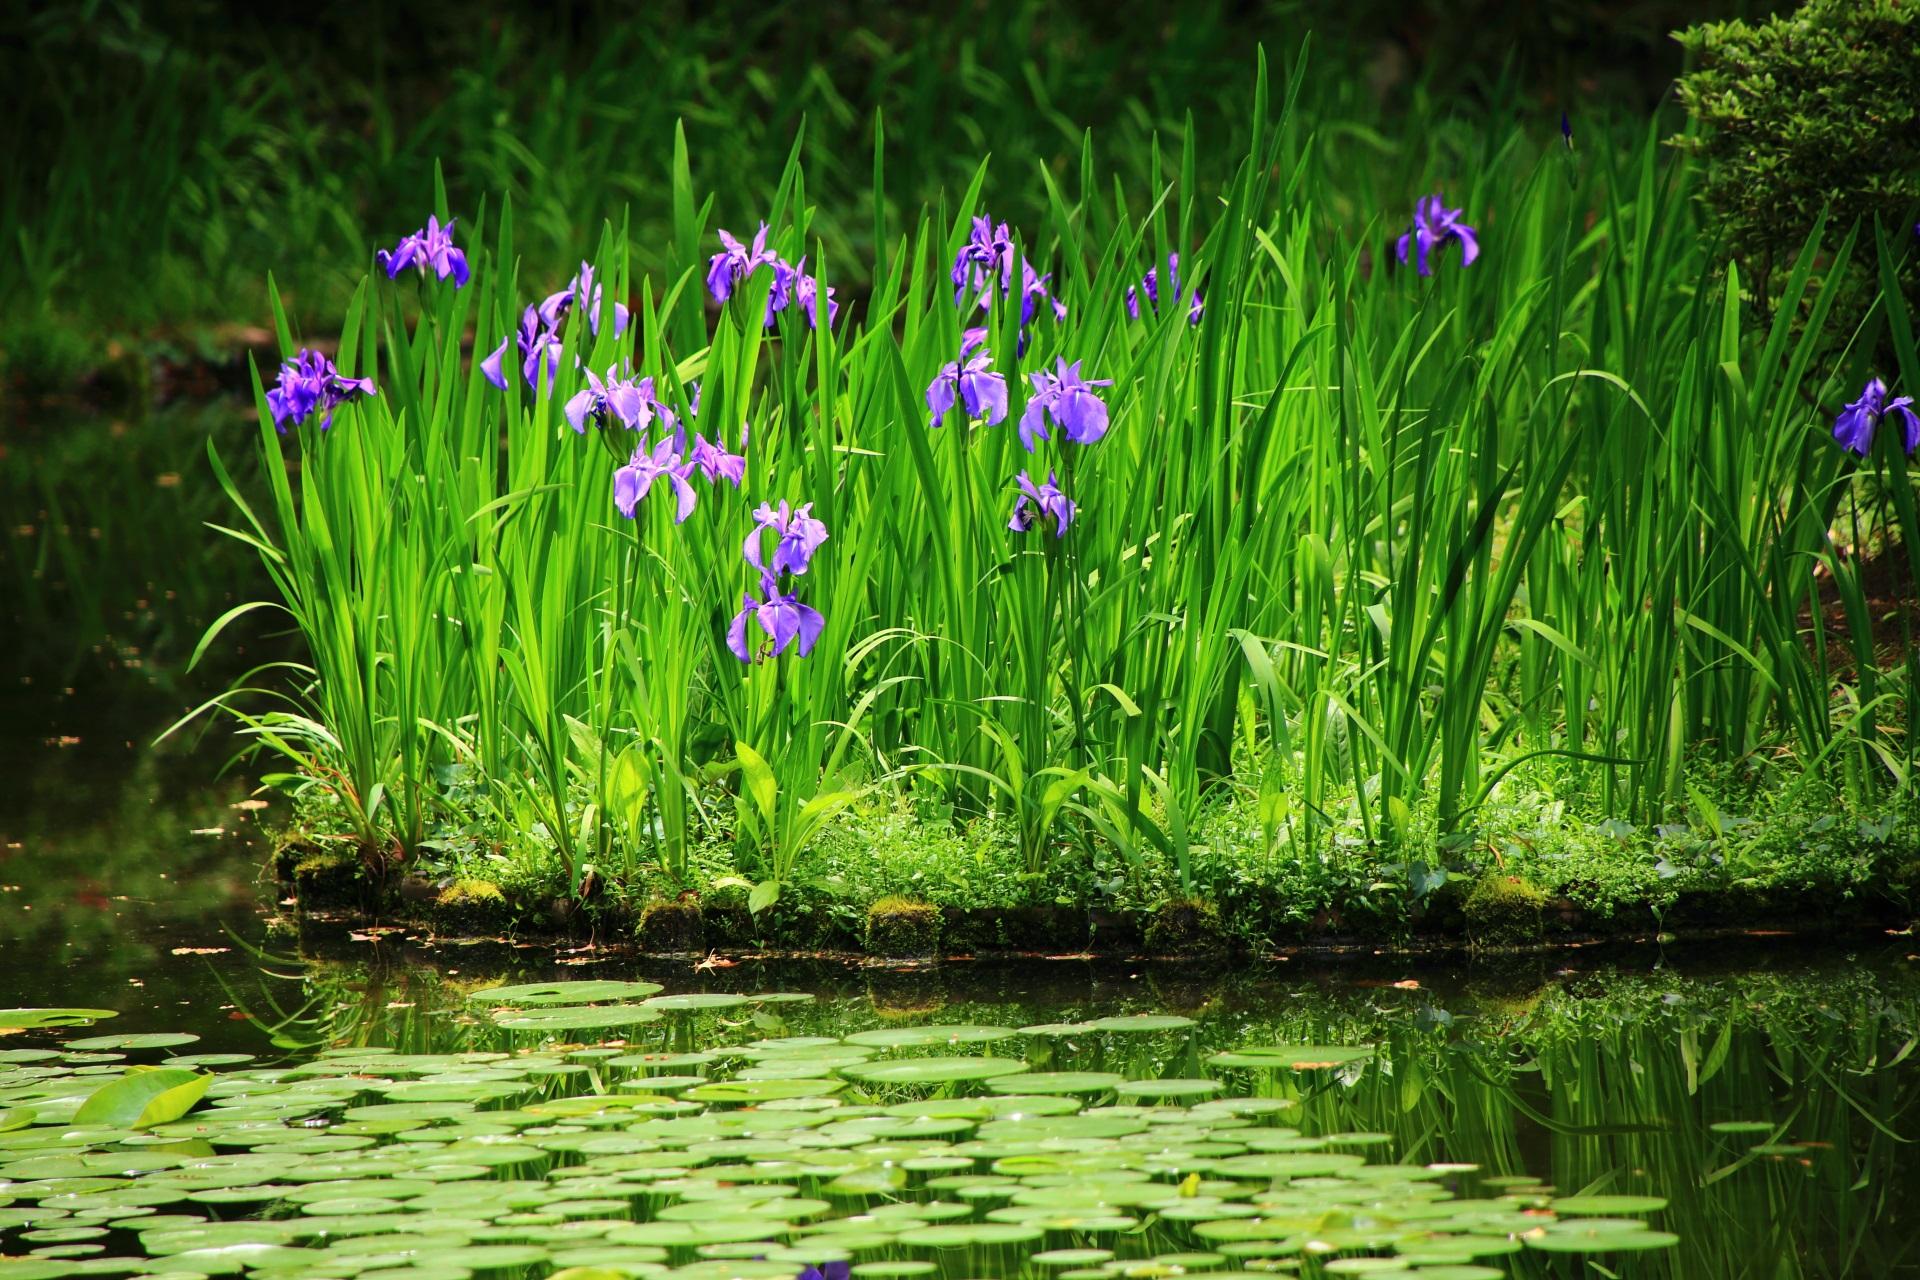 緑溢れる神苑を上品に彩る可愛い杜若